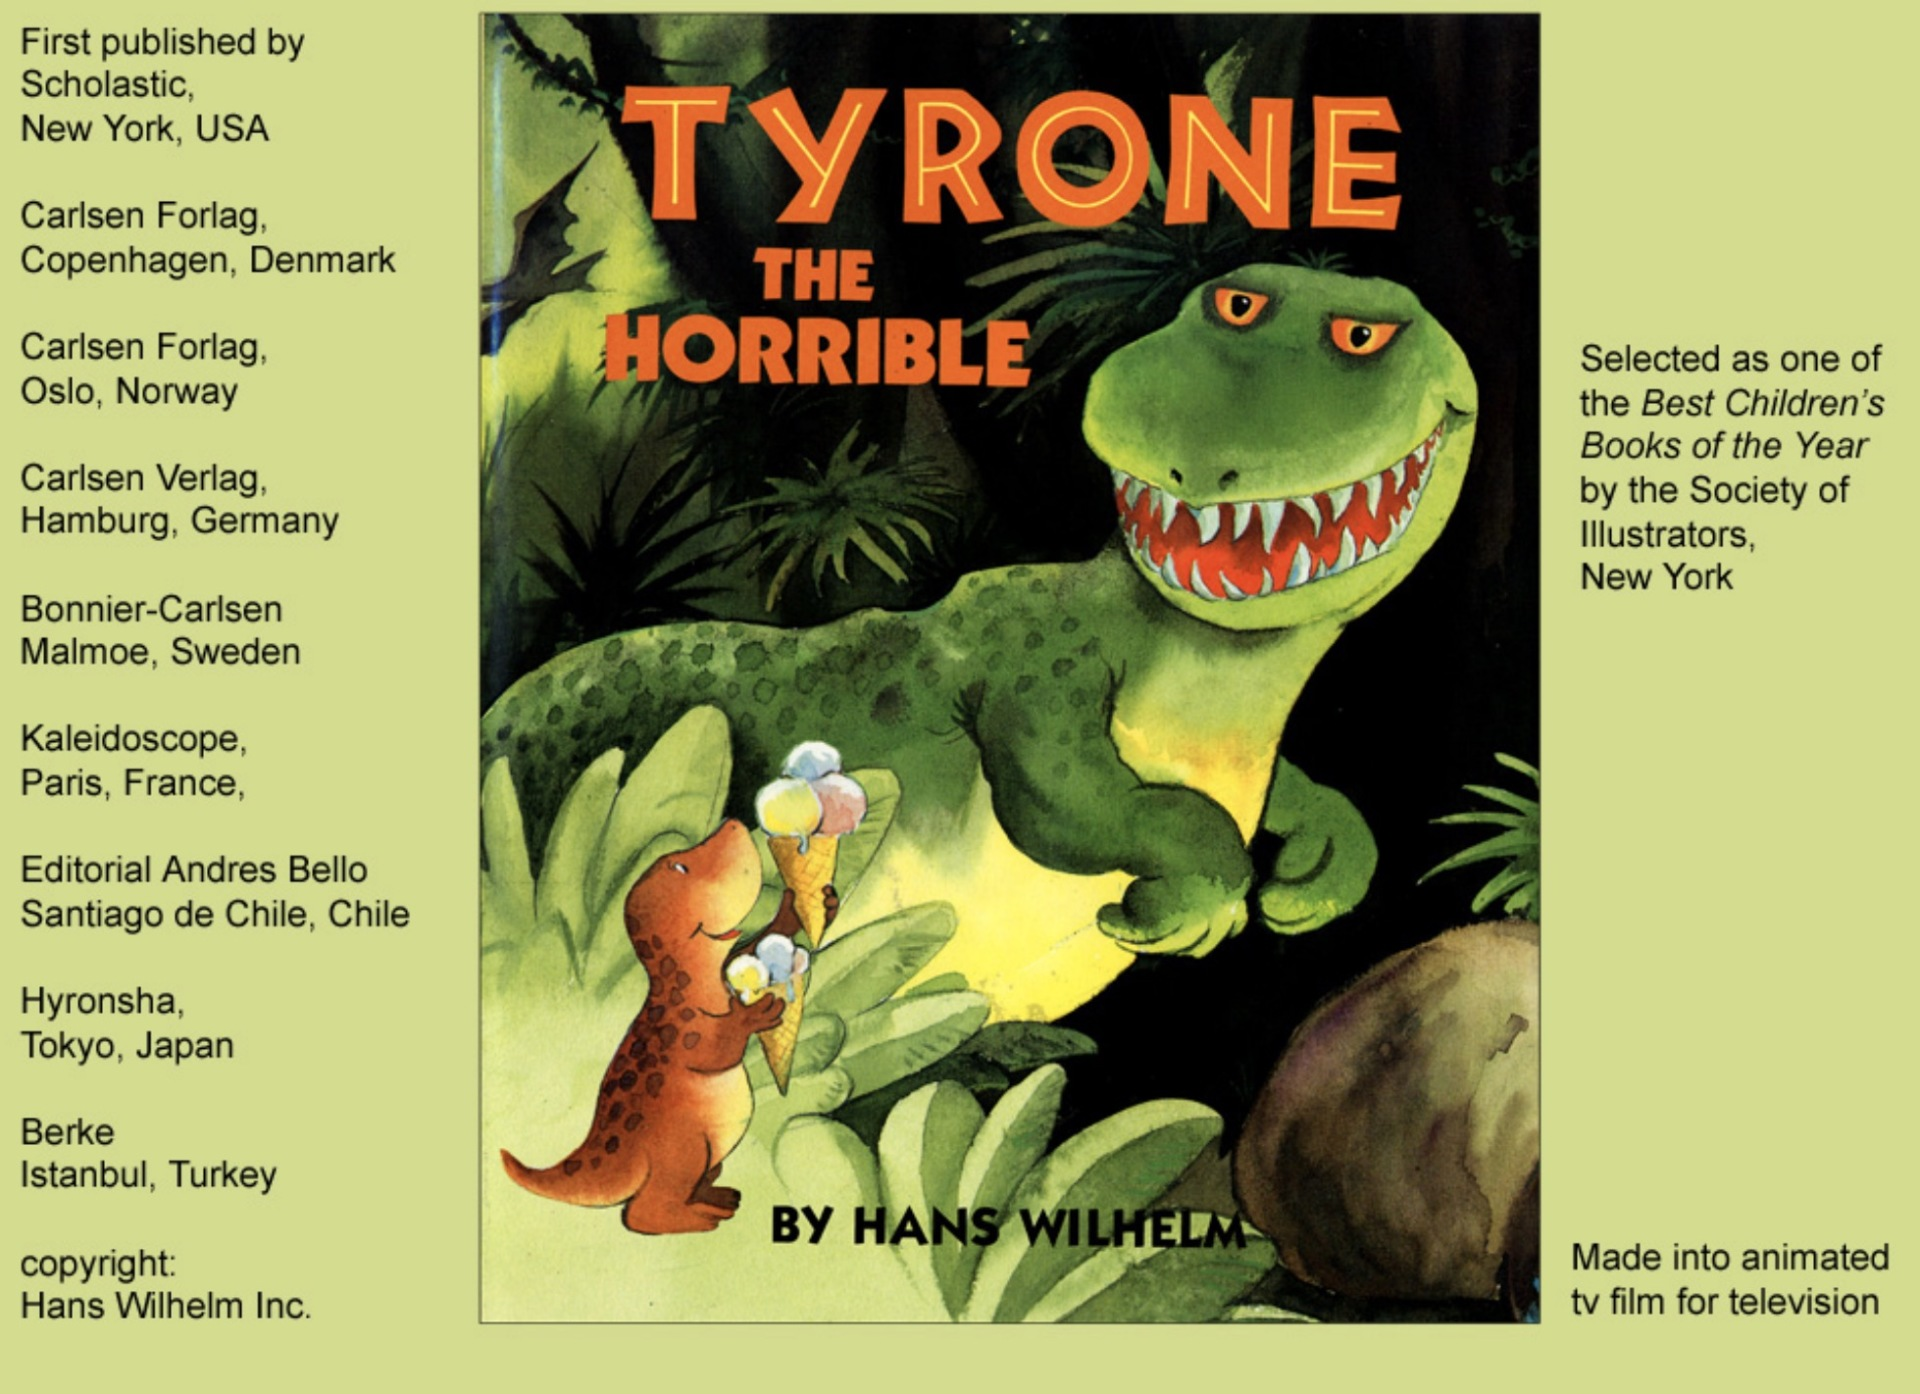 20. ฟรี! หนังสือนิทานเด็กเจ้าของรางวัลหนึ่งในสุดยอดหนังสือนิทานยอดเยี่ยม